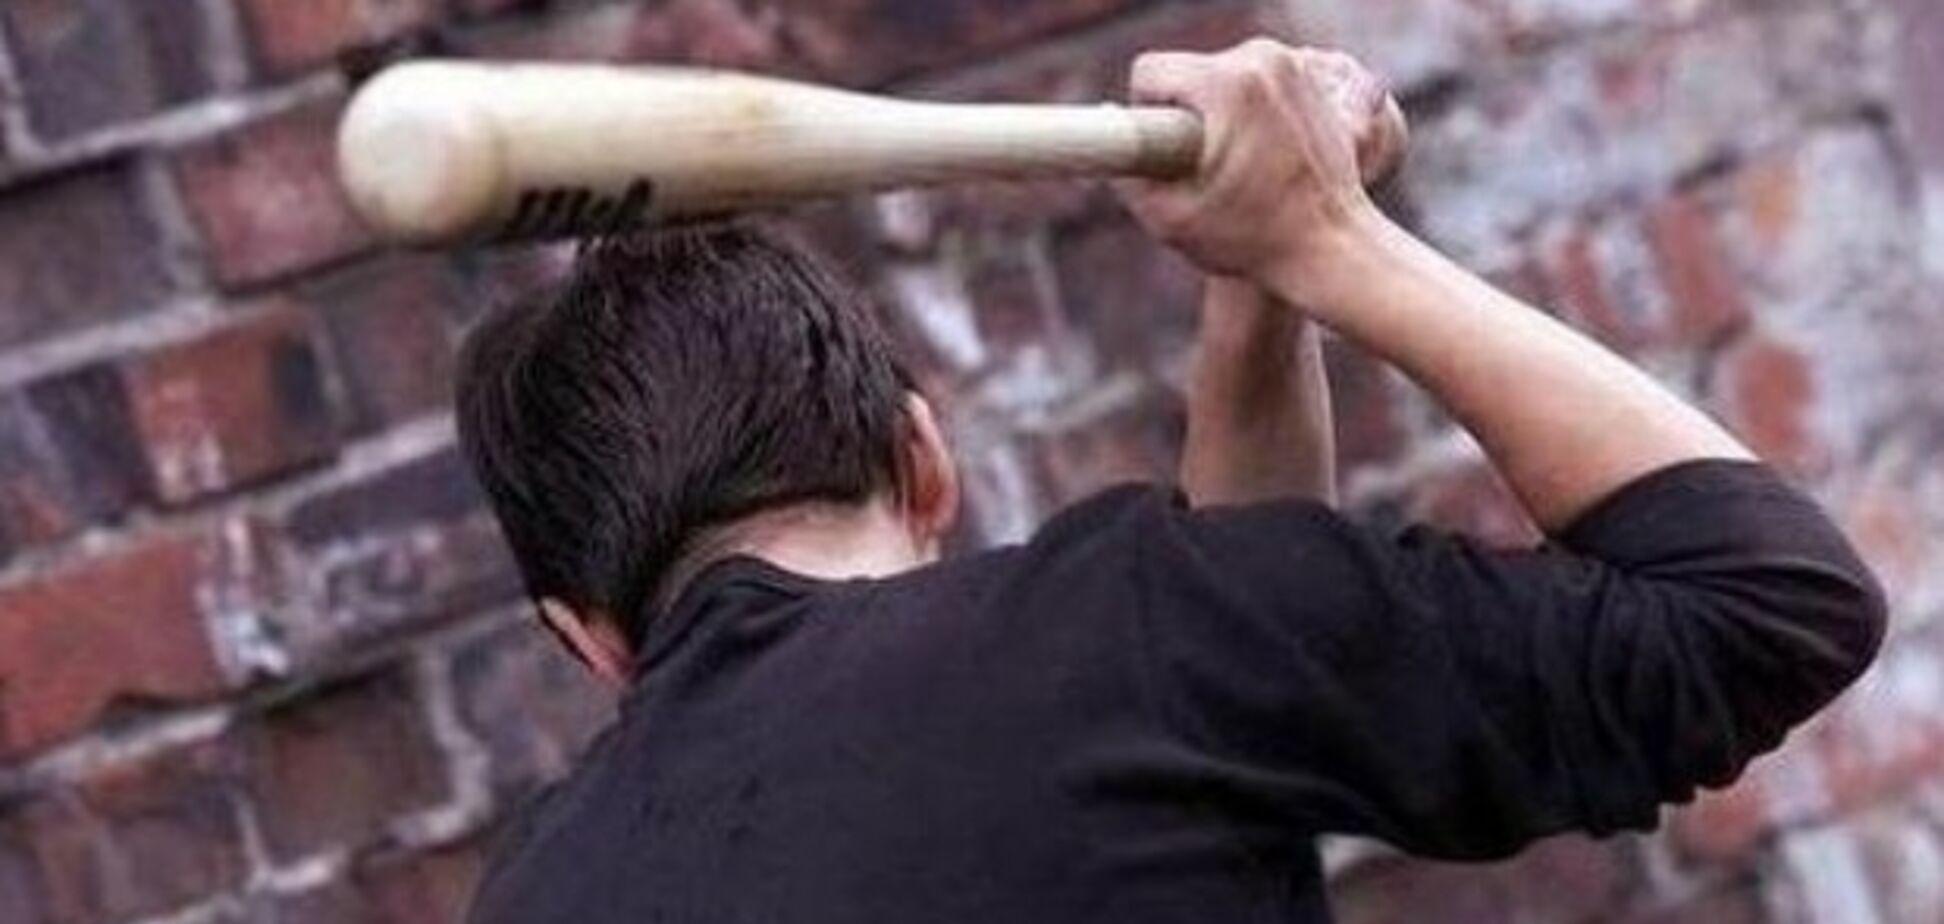 Забил знакомого палкой: жителю Кривого Рога грозит 15 лет тюрьмы